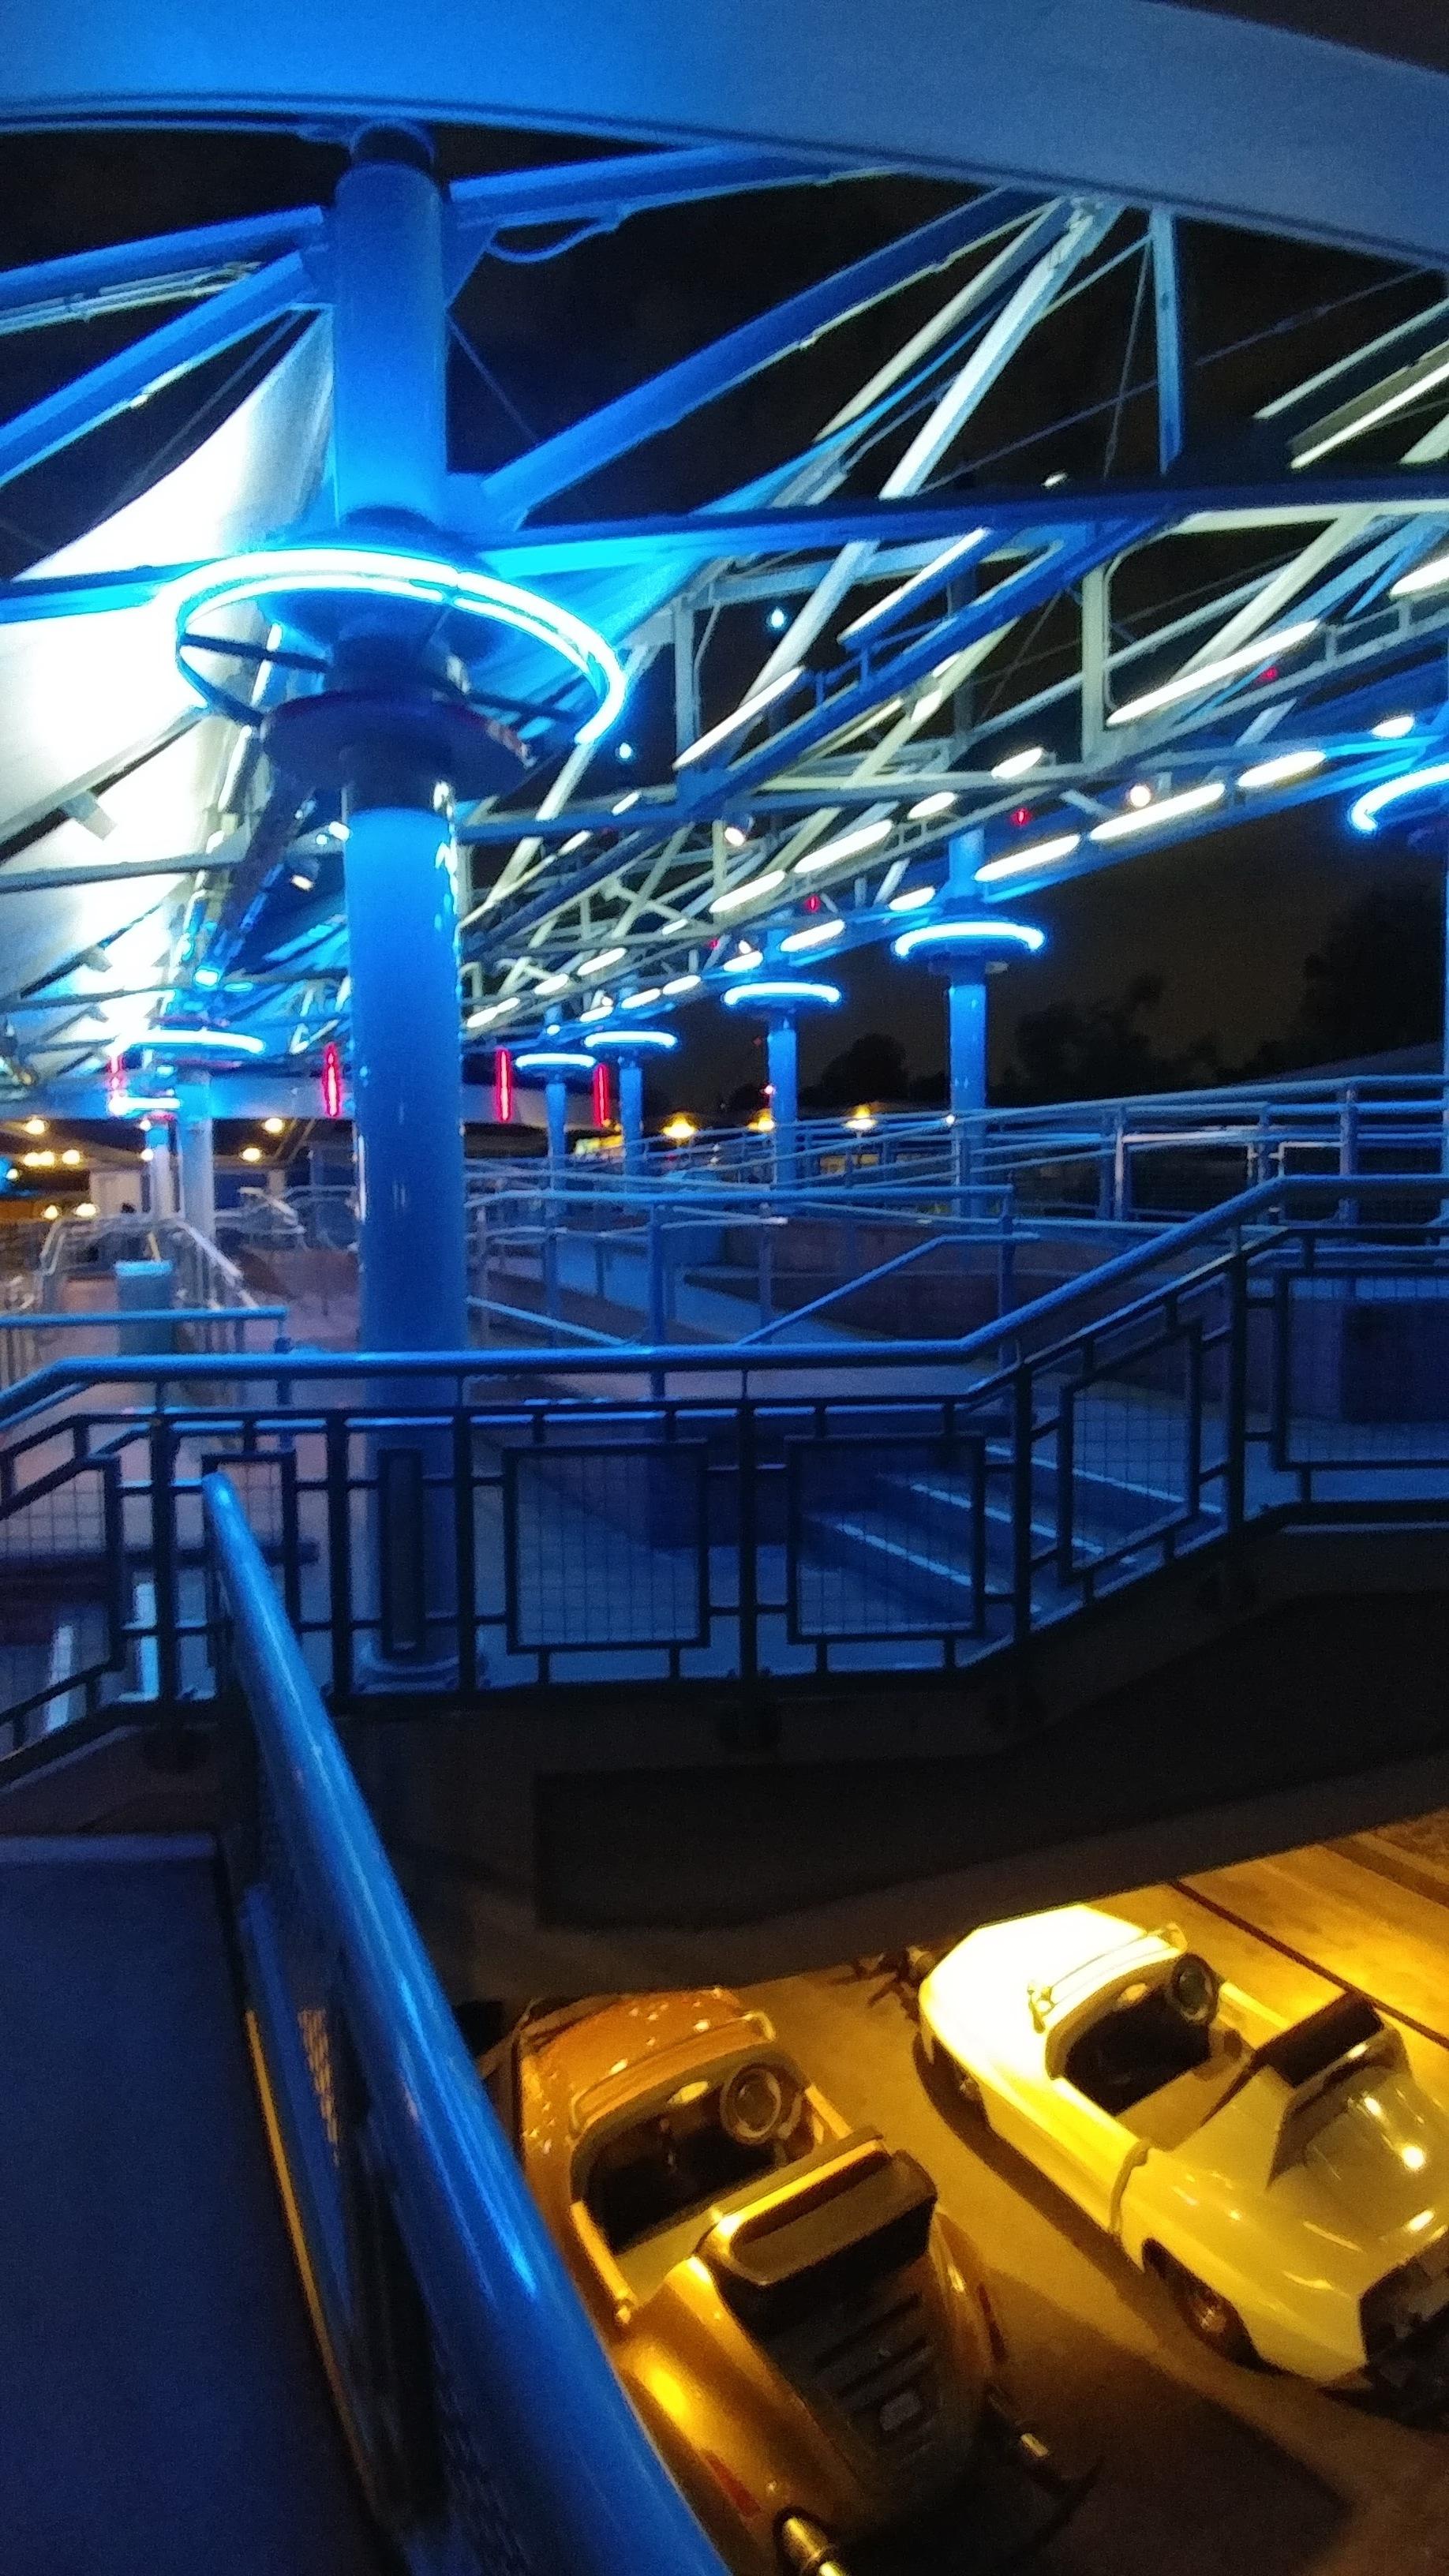 Autopia - Disneyland